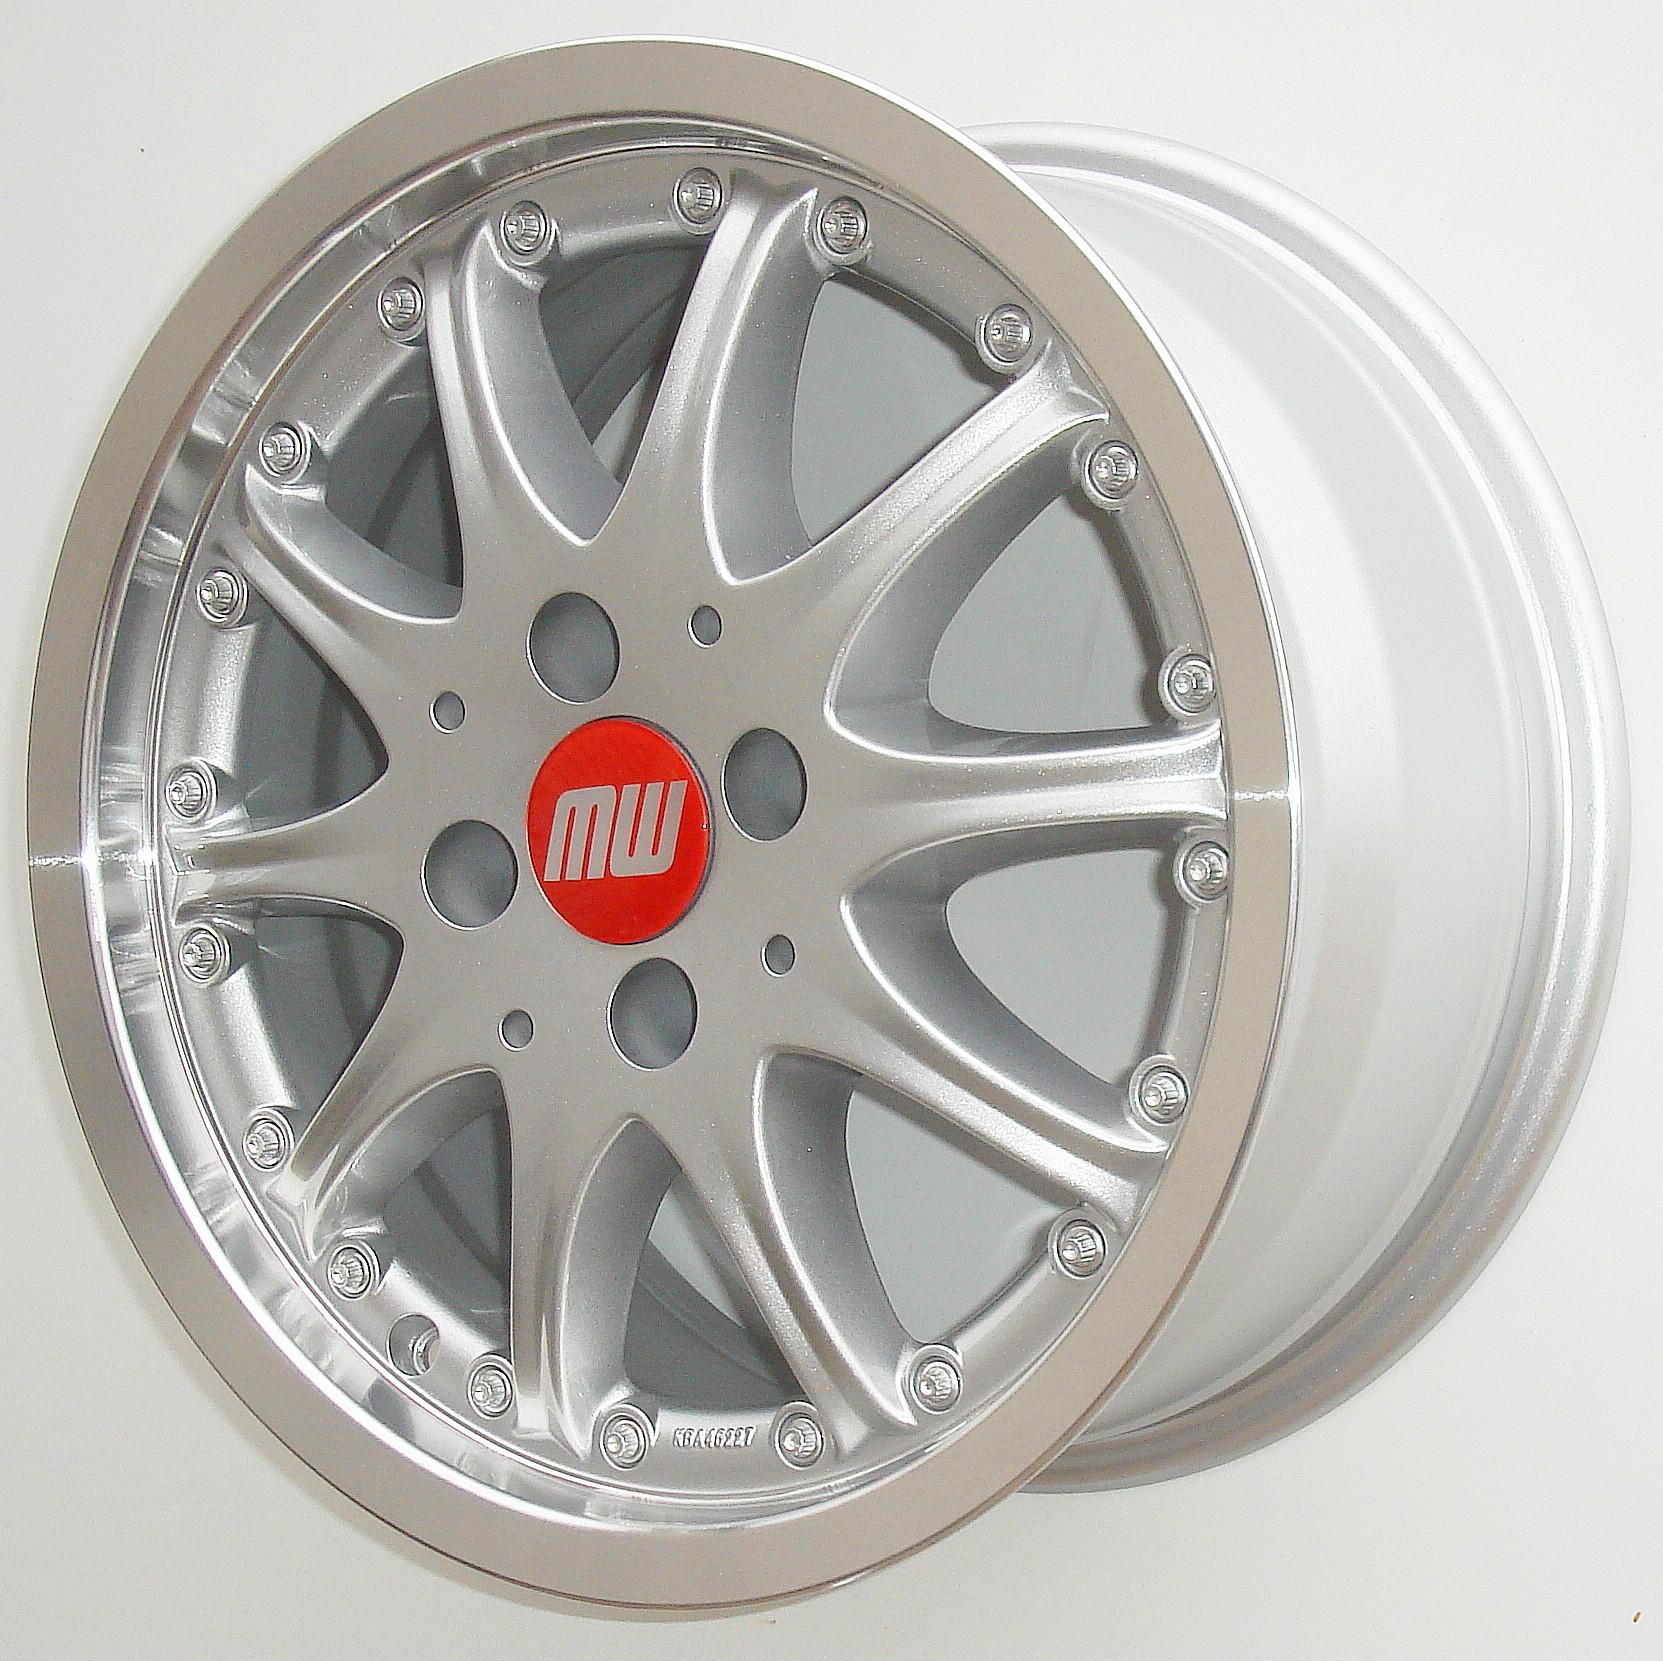 TS-Rad 7X15 4/100 ET38 silber metallic/hornkopiert  -  zulässige Reifengrössen: 185/55R15 mit ABE